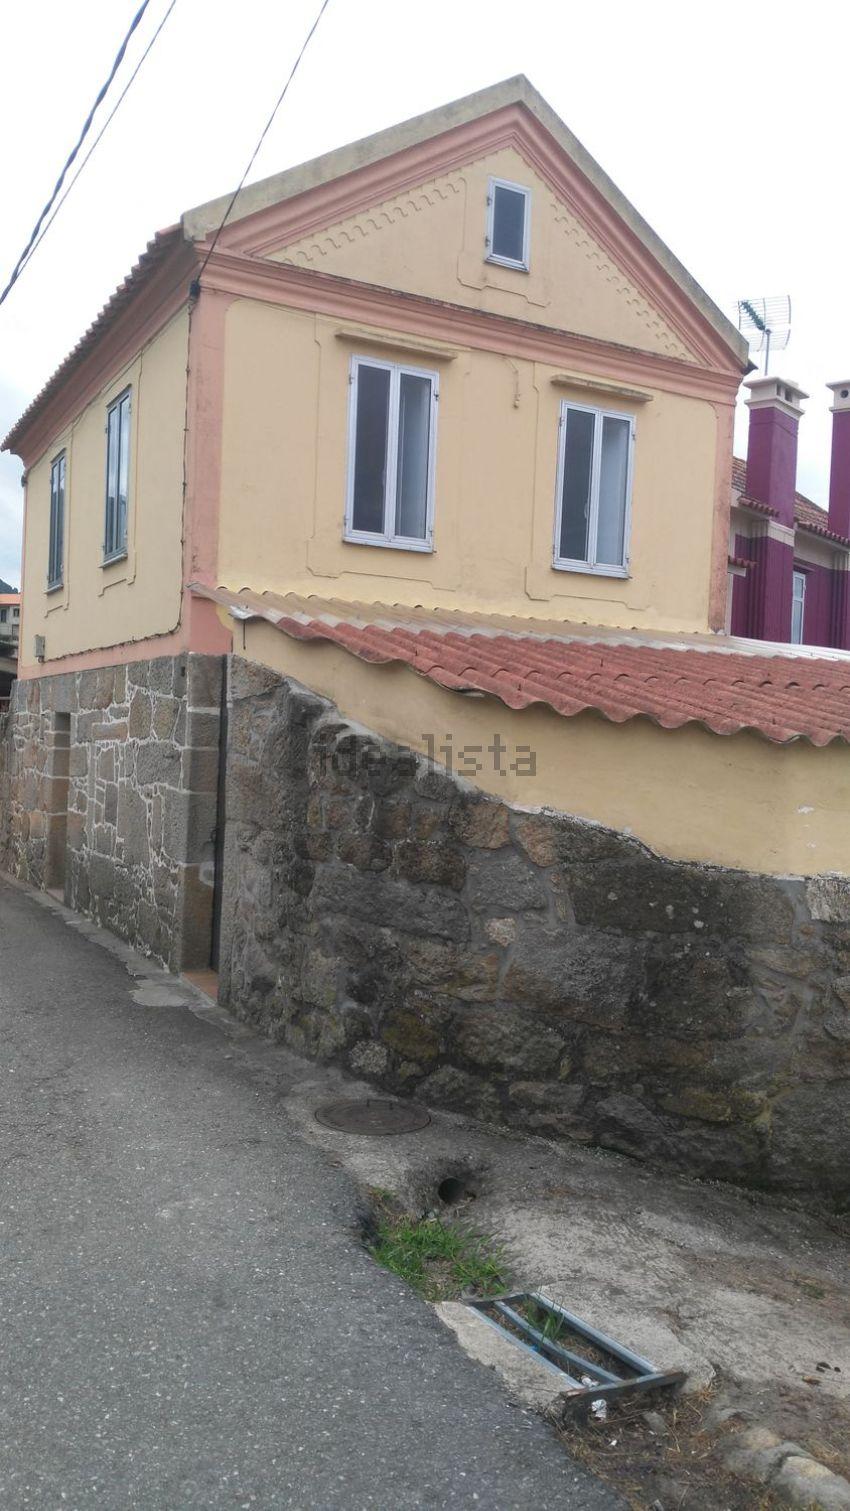 Casa o chalet independiente en Poblado Casas, 92, Marin